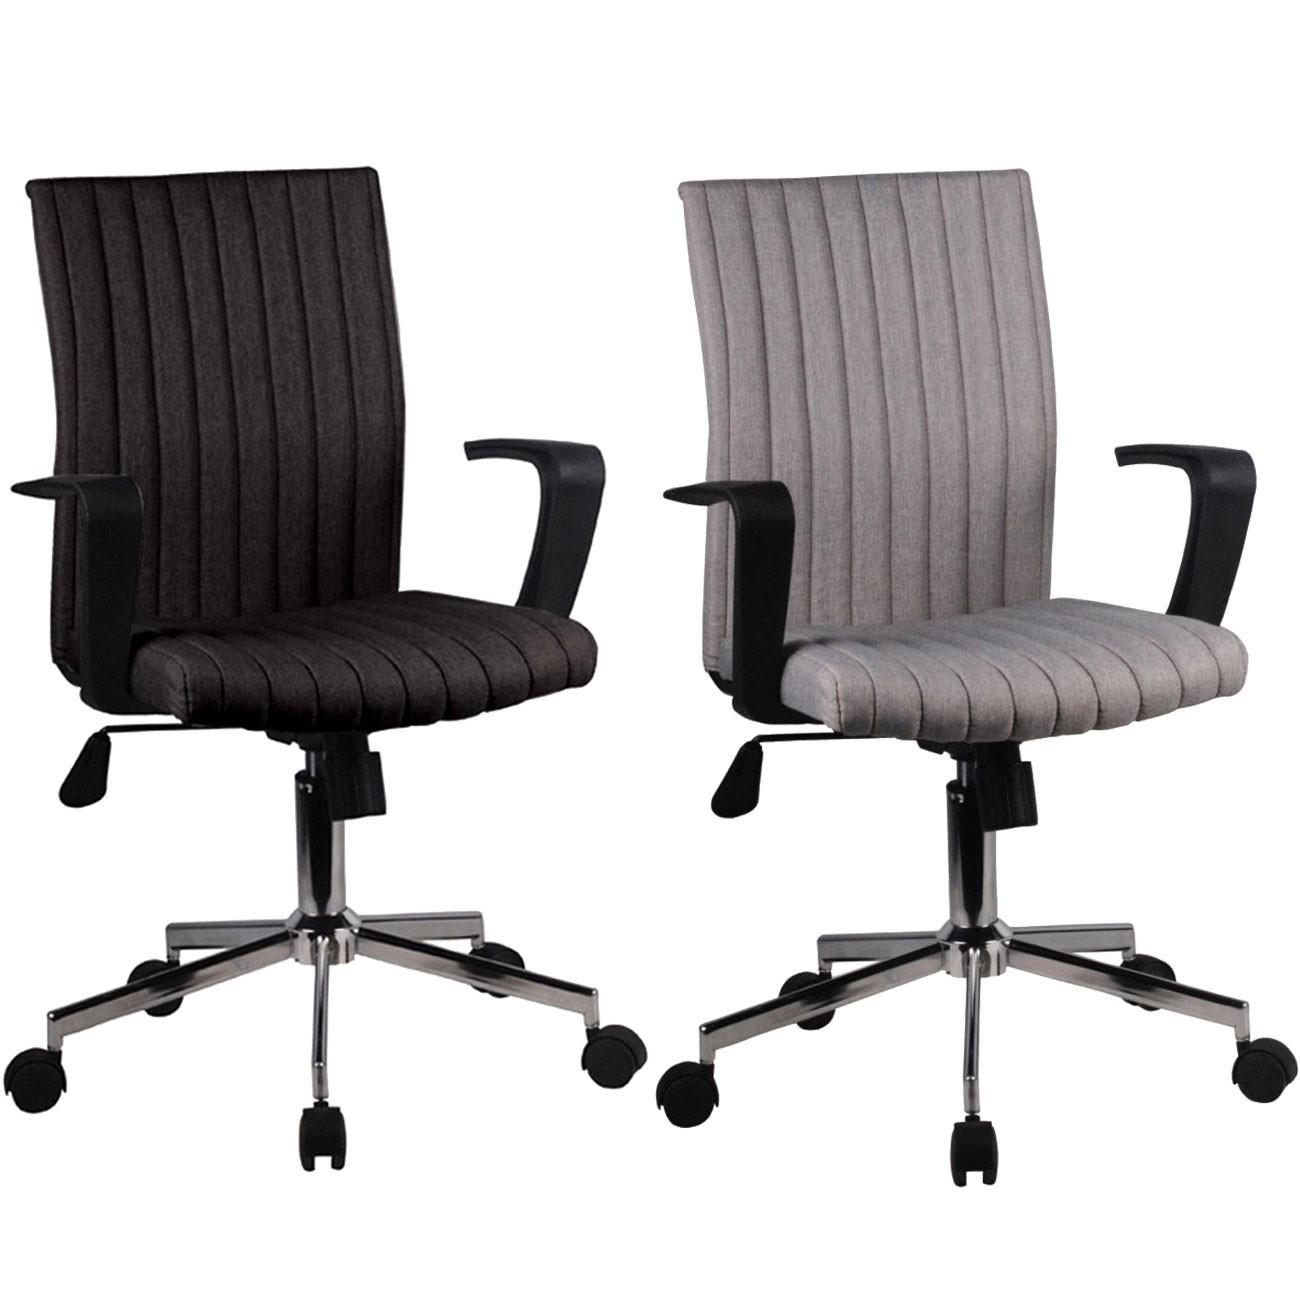 Καρέκλα γραφείου BF502 με μεταλλικό πόδι